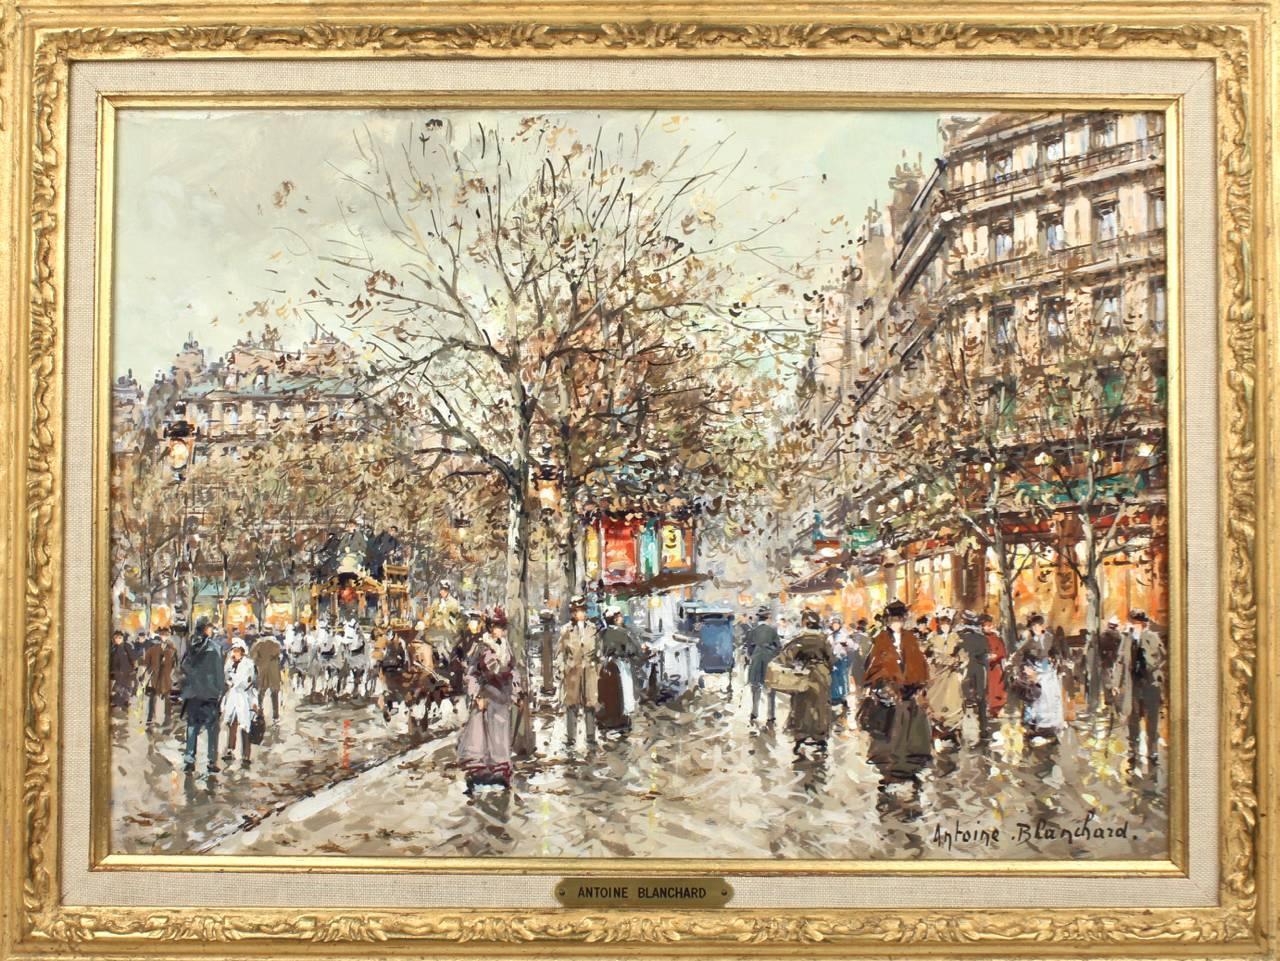 Les galeries lafayette a paris en 1900 oil painting by antoine blanchard at 1stdibs - Galerie street art paris ...